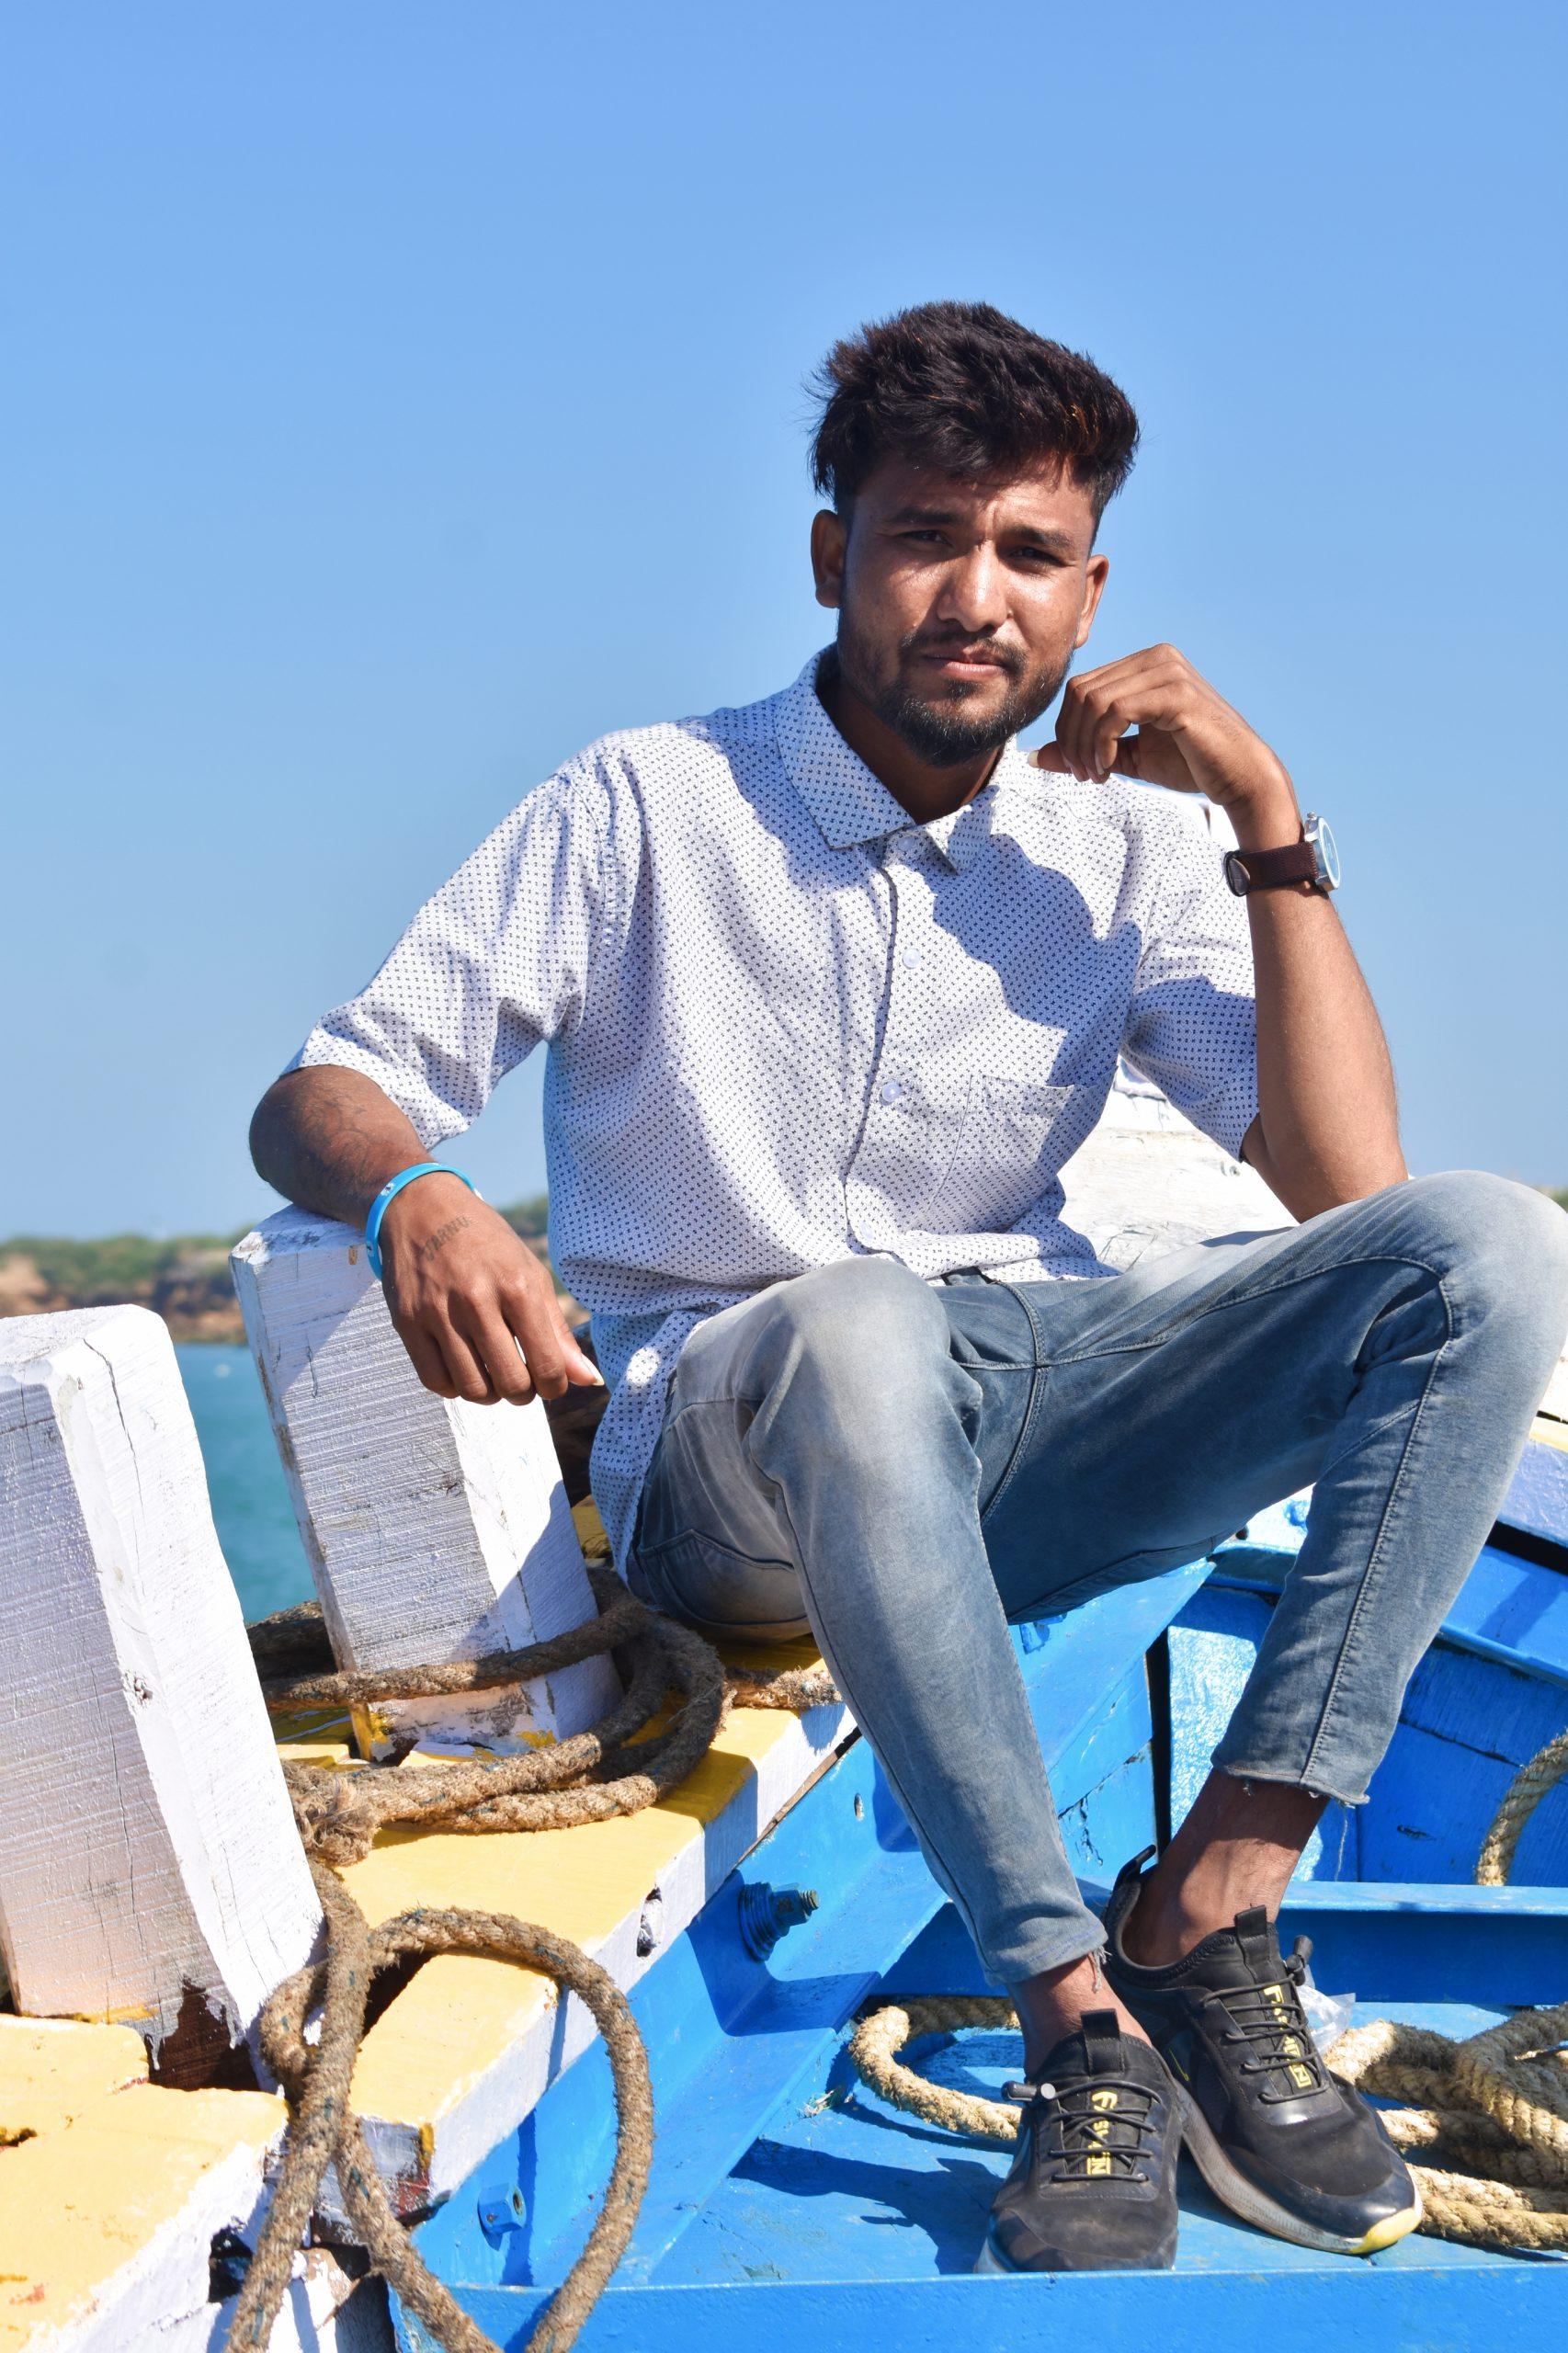 A boy sitting on a boat